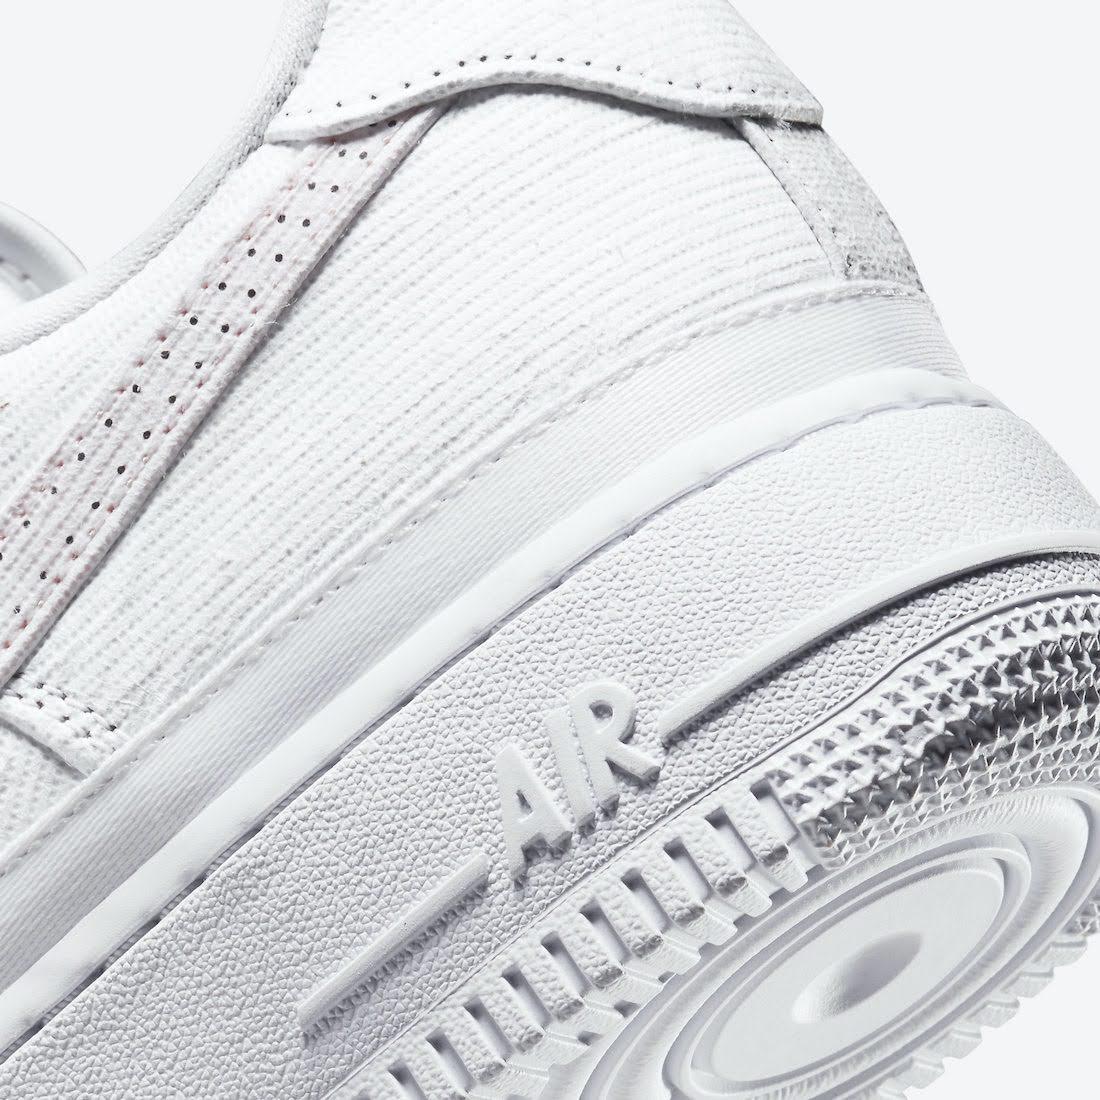 """ナイキ エア フォース 1 ロー """"リベール"""" Nike-Air-Force-1-Low-Reveal-Tear-Away-DJ9941-244-side-heel-closeup"""